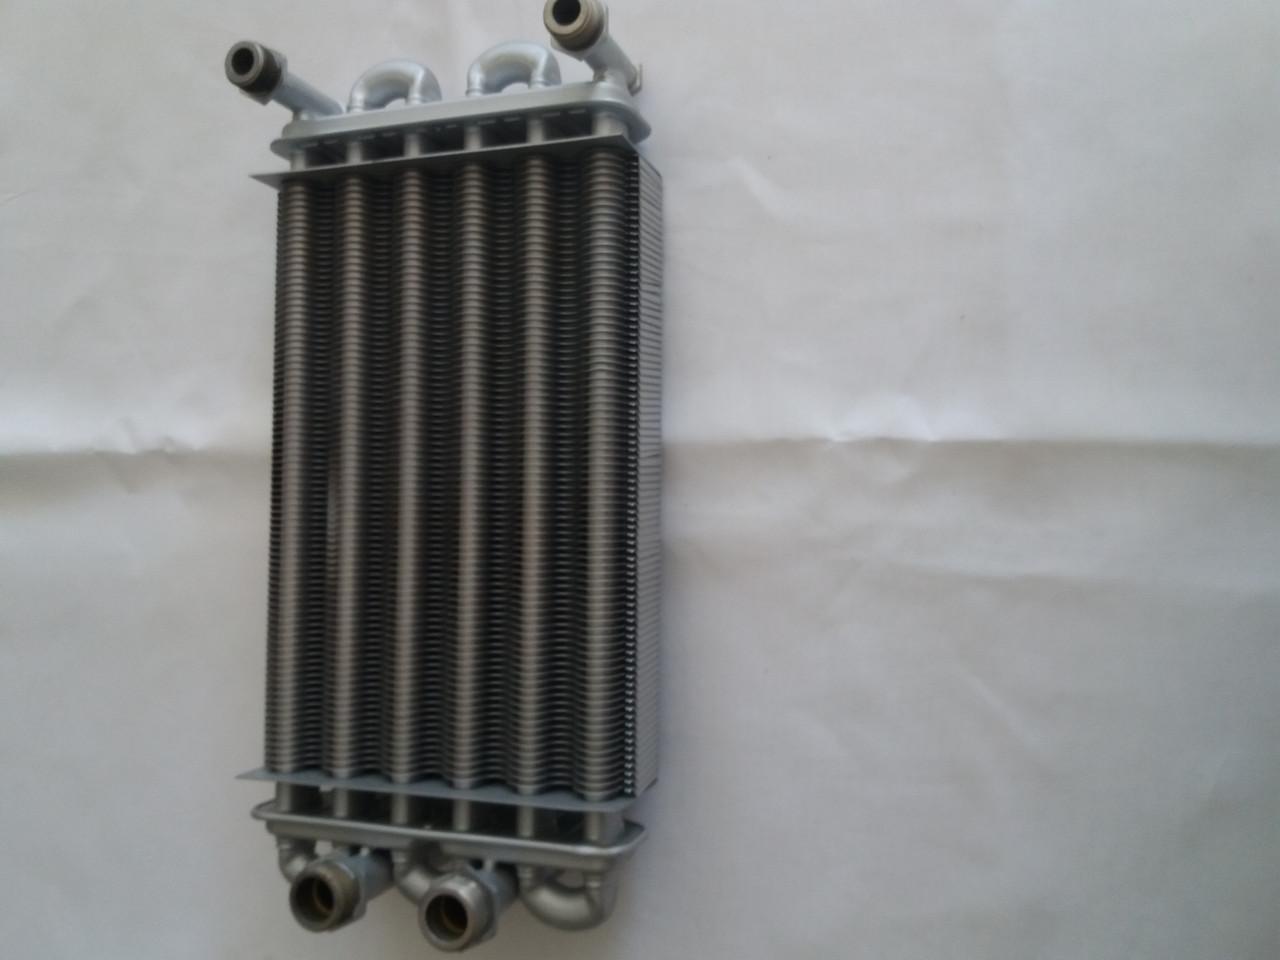 Теплообменник тх Кожухотрубный конденсатор ONDA C 61.301.2400 Ижевск